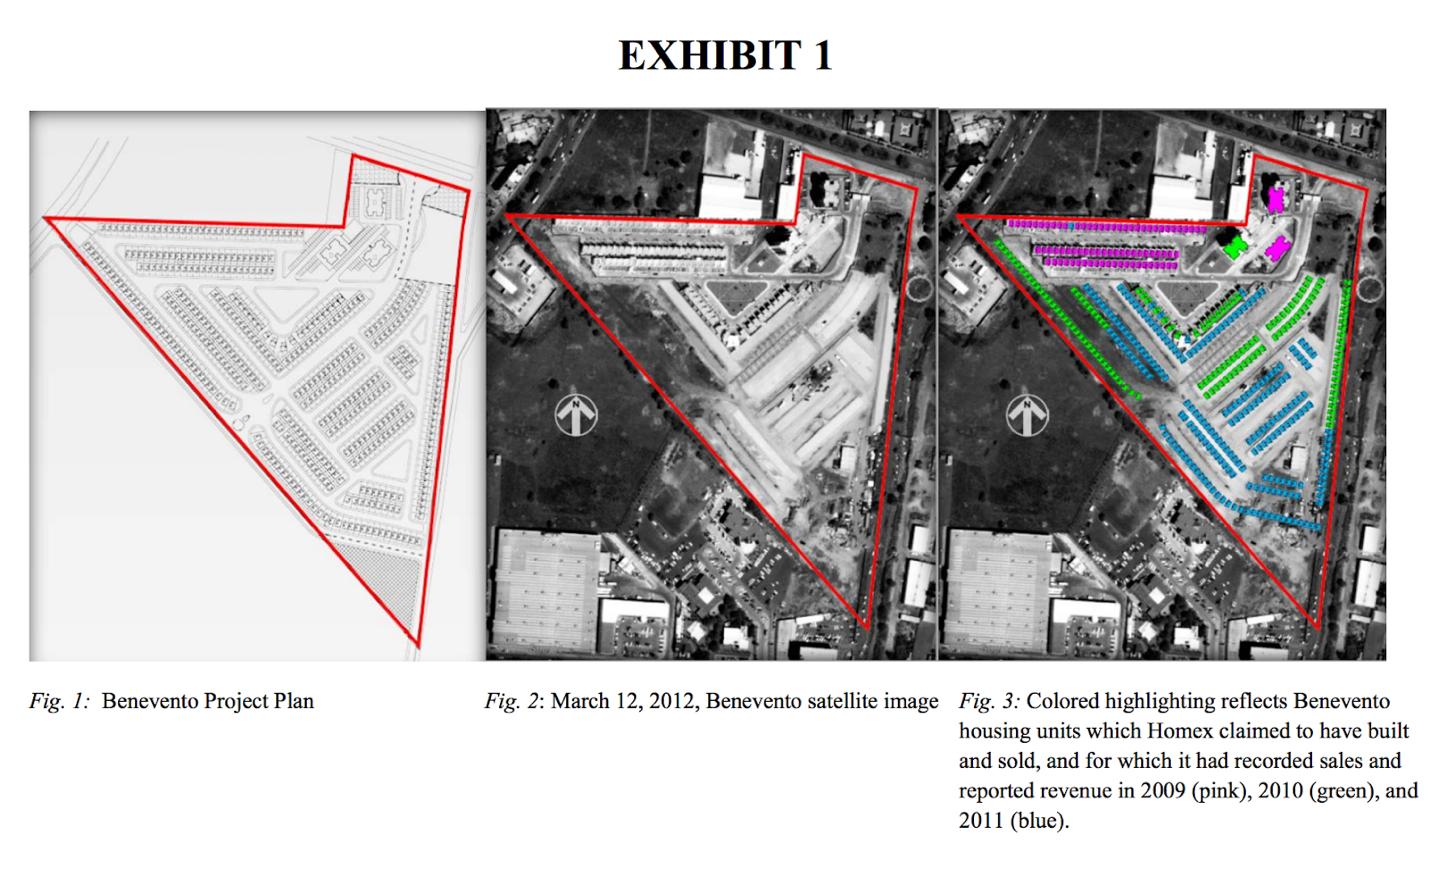 En su investigación, la SEC, máxima autoridad del mercado financiero de EUA, usó fotos satelitales, para demostrar que Homex en realidad no había construido viviendas que meses atrás había reportado al mercado como vendidas.